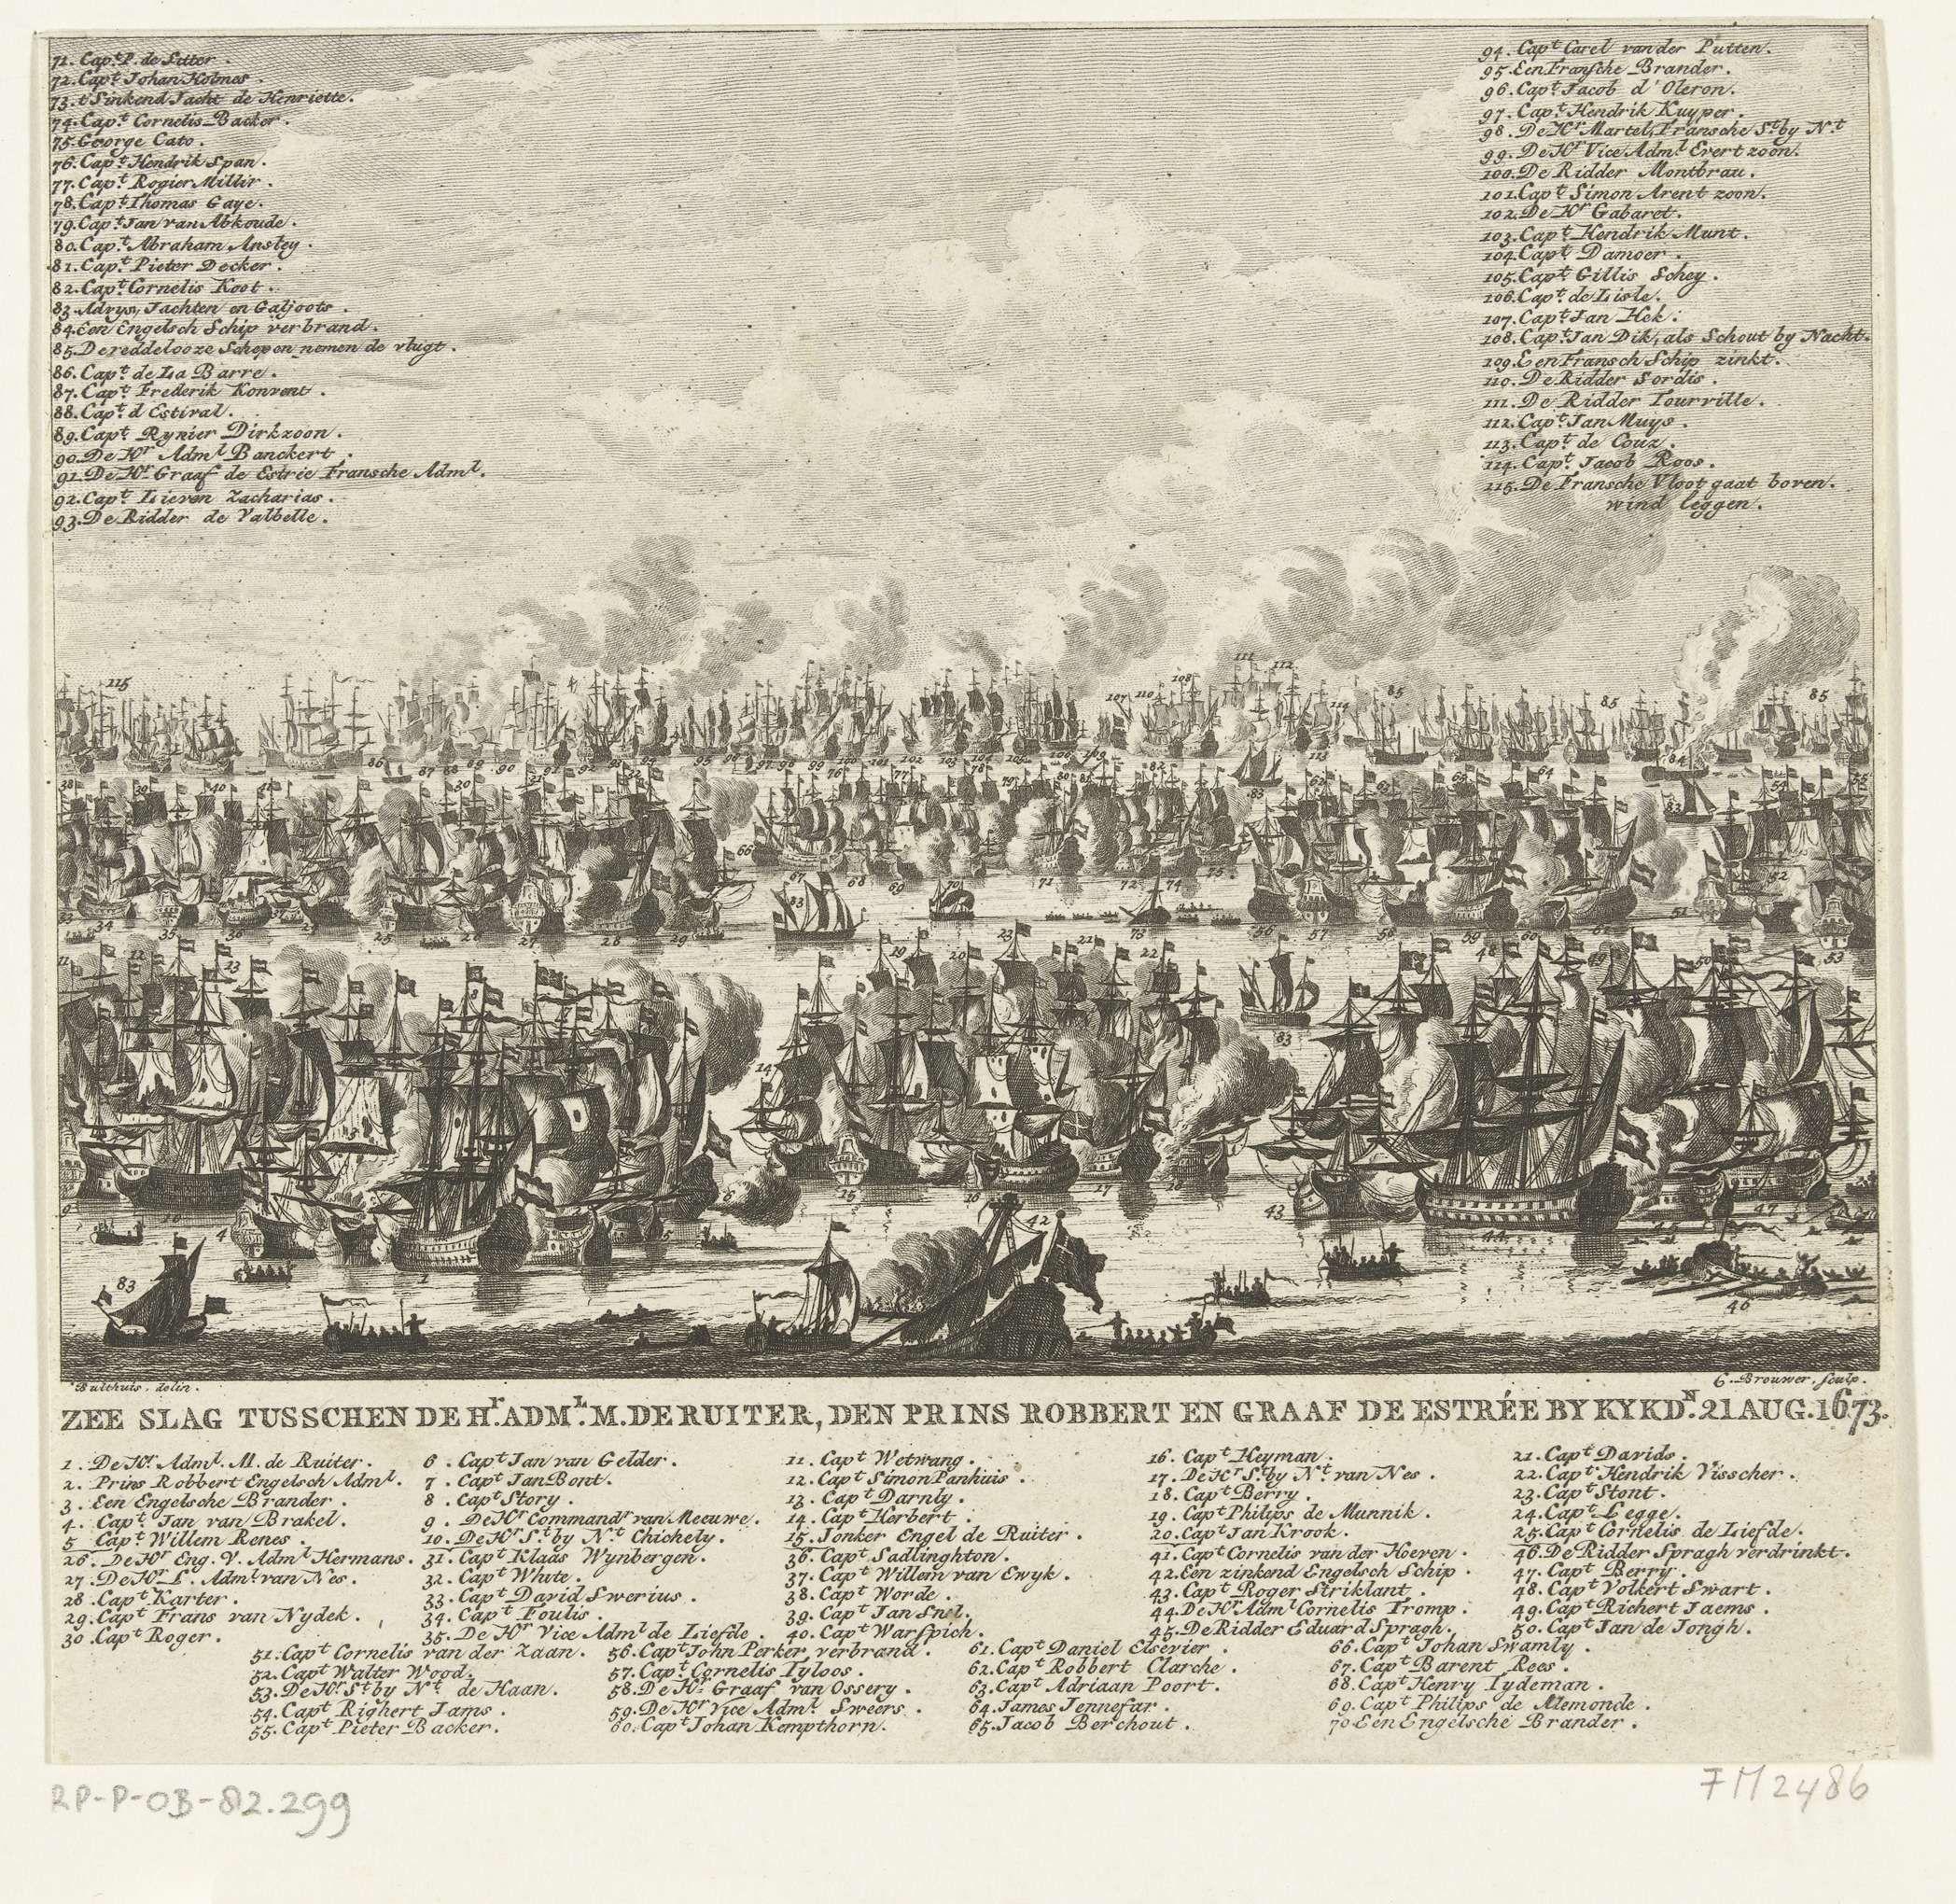 Cornelis Brouwer | Zeeslag bij Kijkduin, 1673, Cornelis Brouwer, Bastiaen Stopendael, 1775 - 1800 | Zeeslag bij Kijkduin, 21 augustus 1673. Zeeslag voor Kijkduin bij Den Helder en Texel tussen de Staatse vloot onder Mchiel de Ruyter en Cornelis Tromp en de gecombineerde Engels-Franse vloot onder prins Rupert en de graaf Jean d'Estrées (II). Onderaan en boven de legenda 1-115.